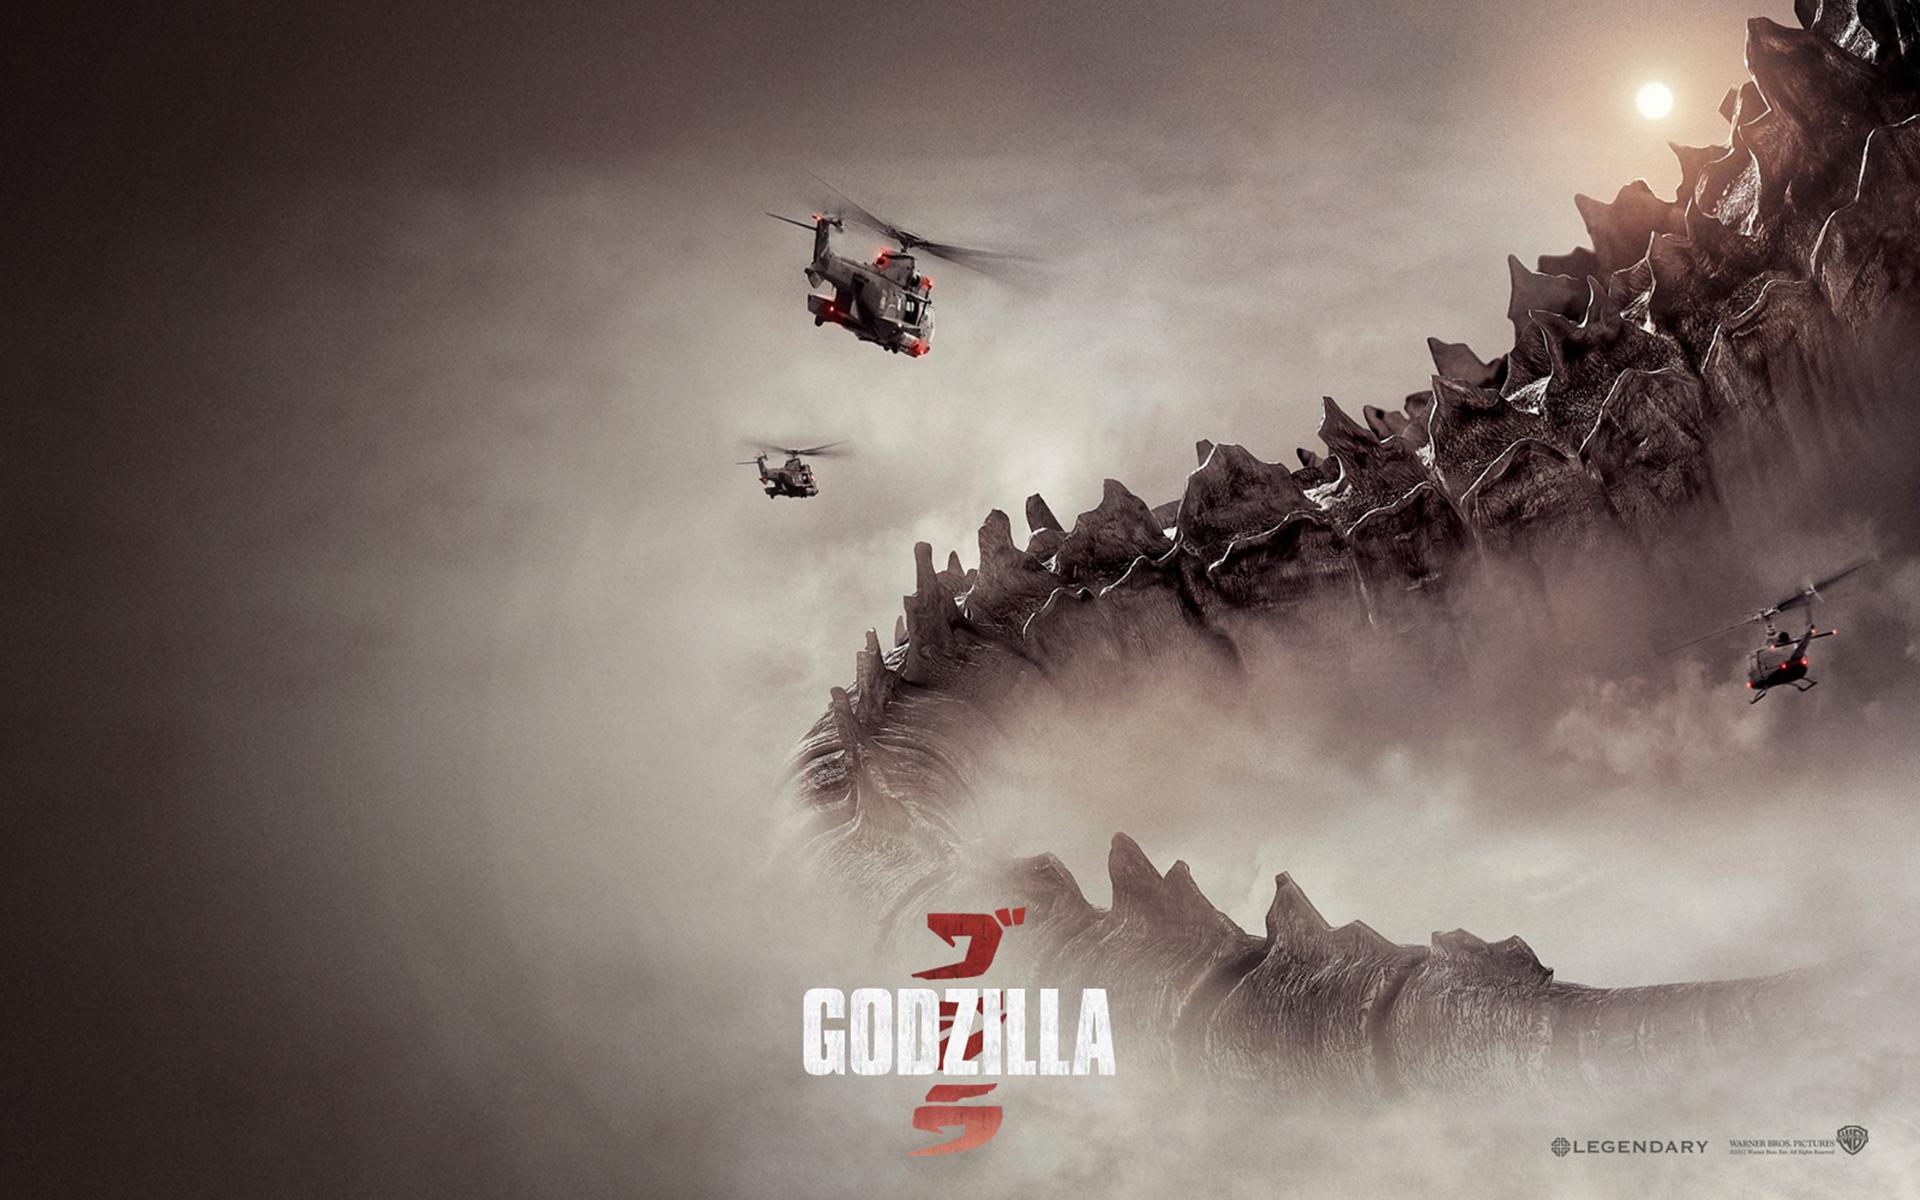 Godzilla 2014 HD Wallpapers 1920x1200